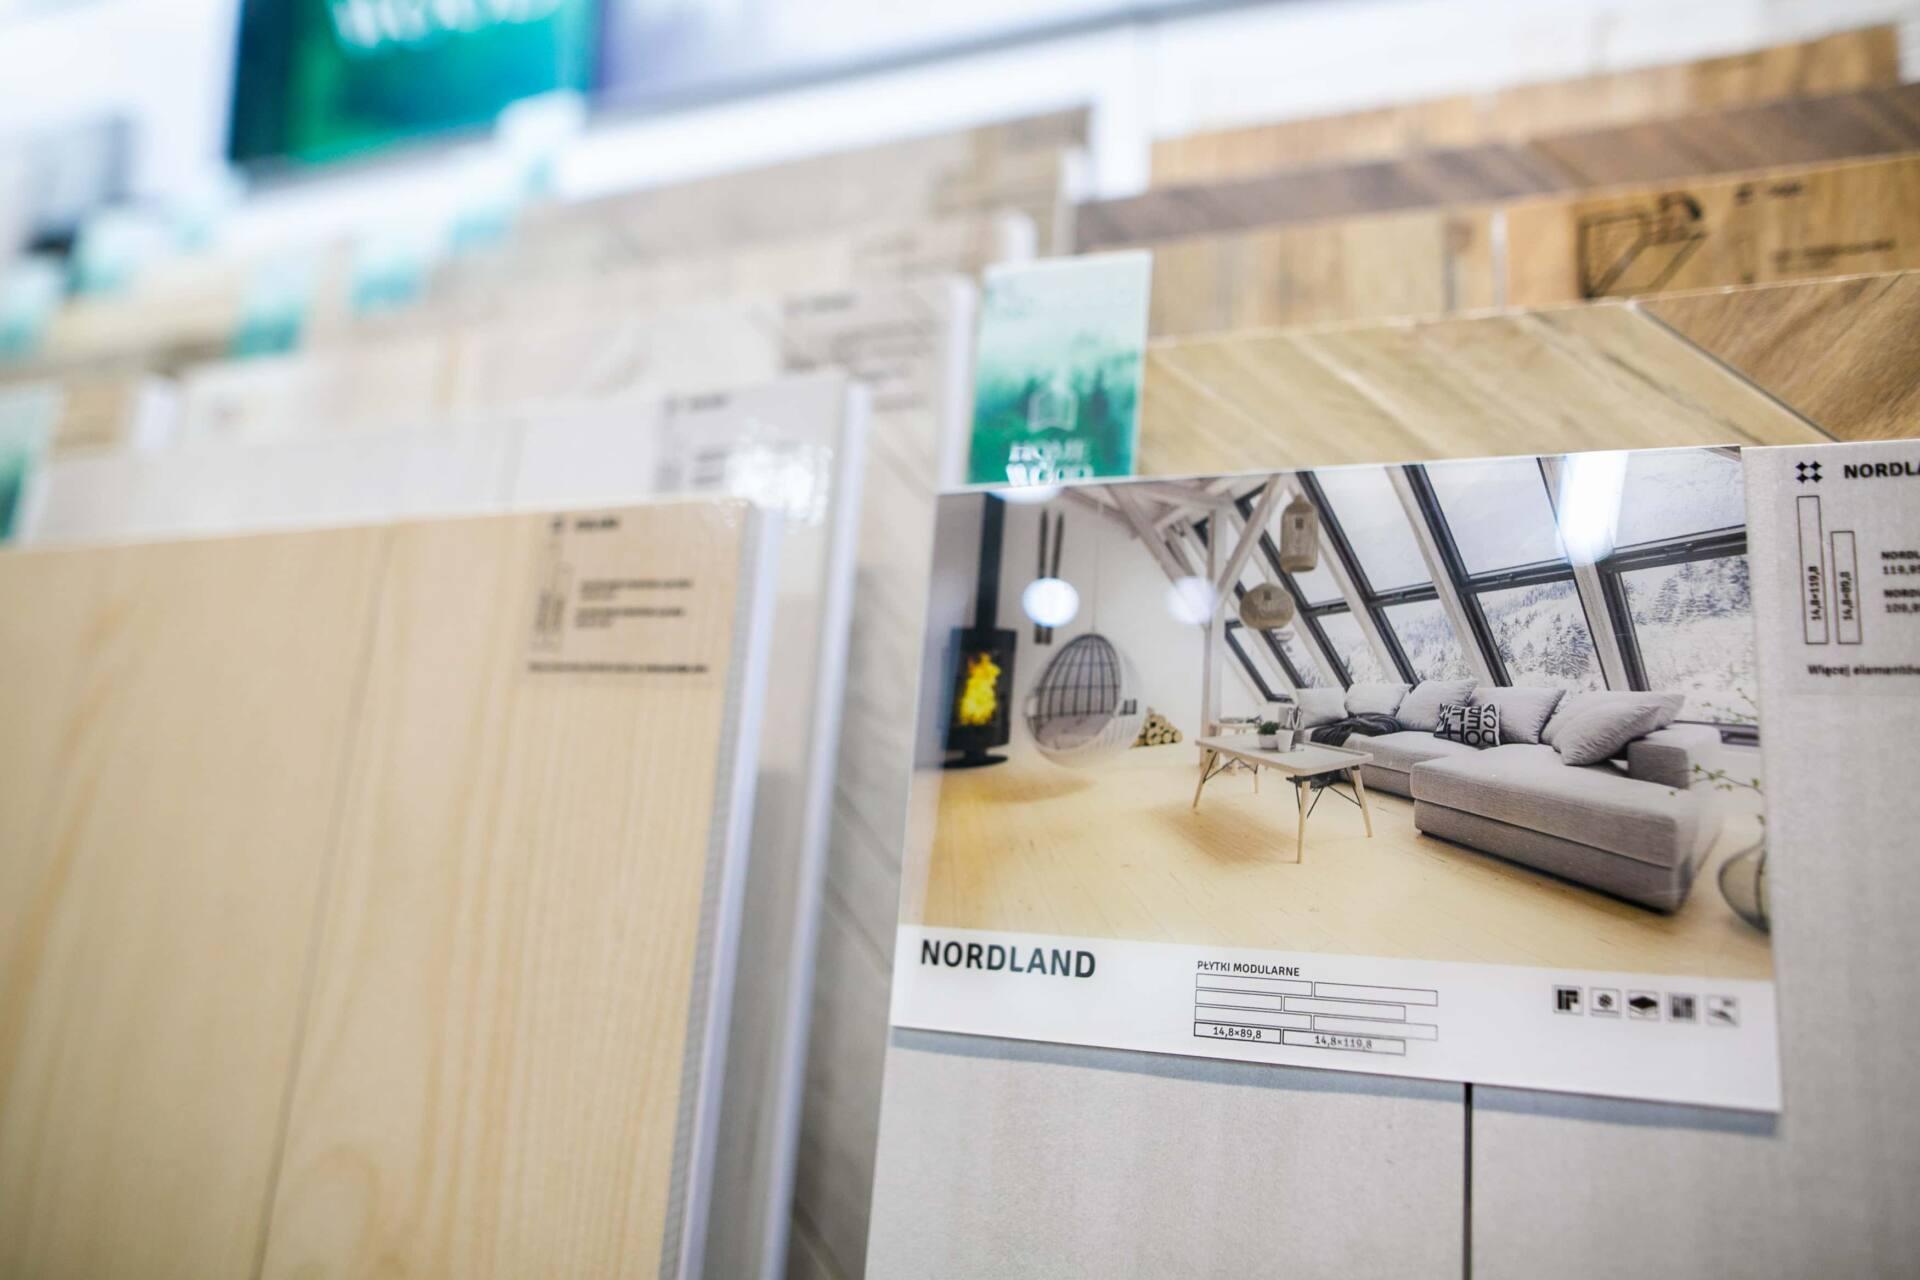 5db 5599 Nowy salon łazienek BLU w Zamościu już otwarty! Publikujemy 80 zdjęć